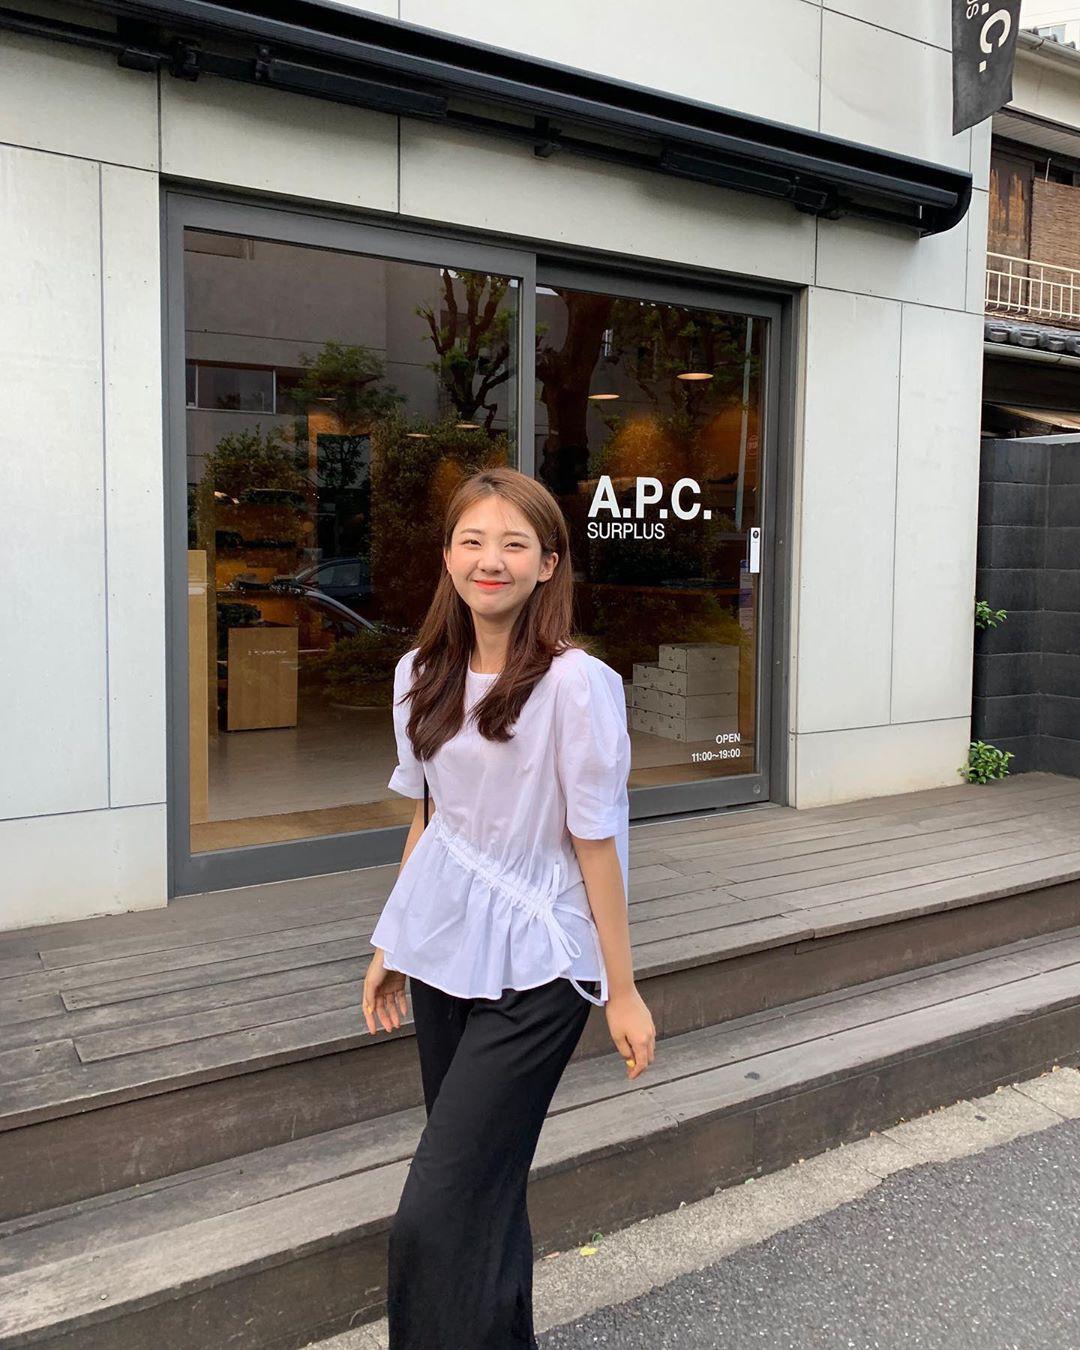 Muốn mặc đẹp hãy tham khảo 15 bộ đồ từ street style châu Á dưới đây, với rất nhiều gợi ý váy áo thô/đũi mát mẻ - Ảnh 10.